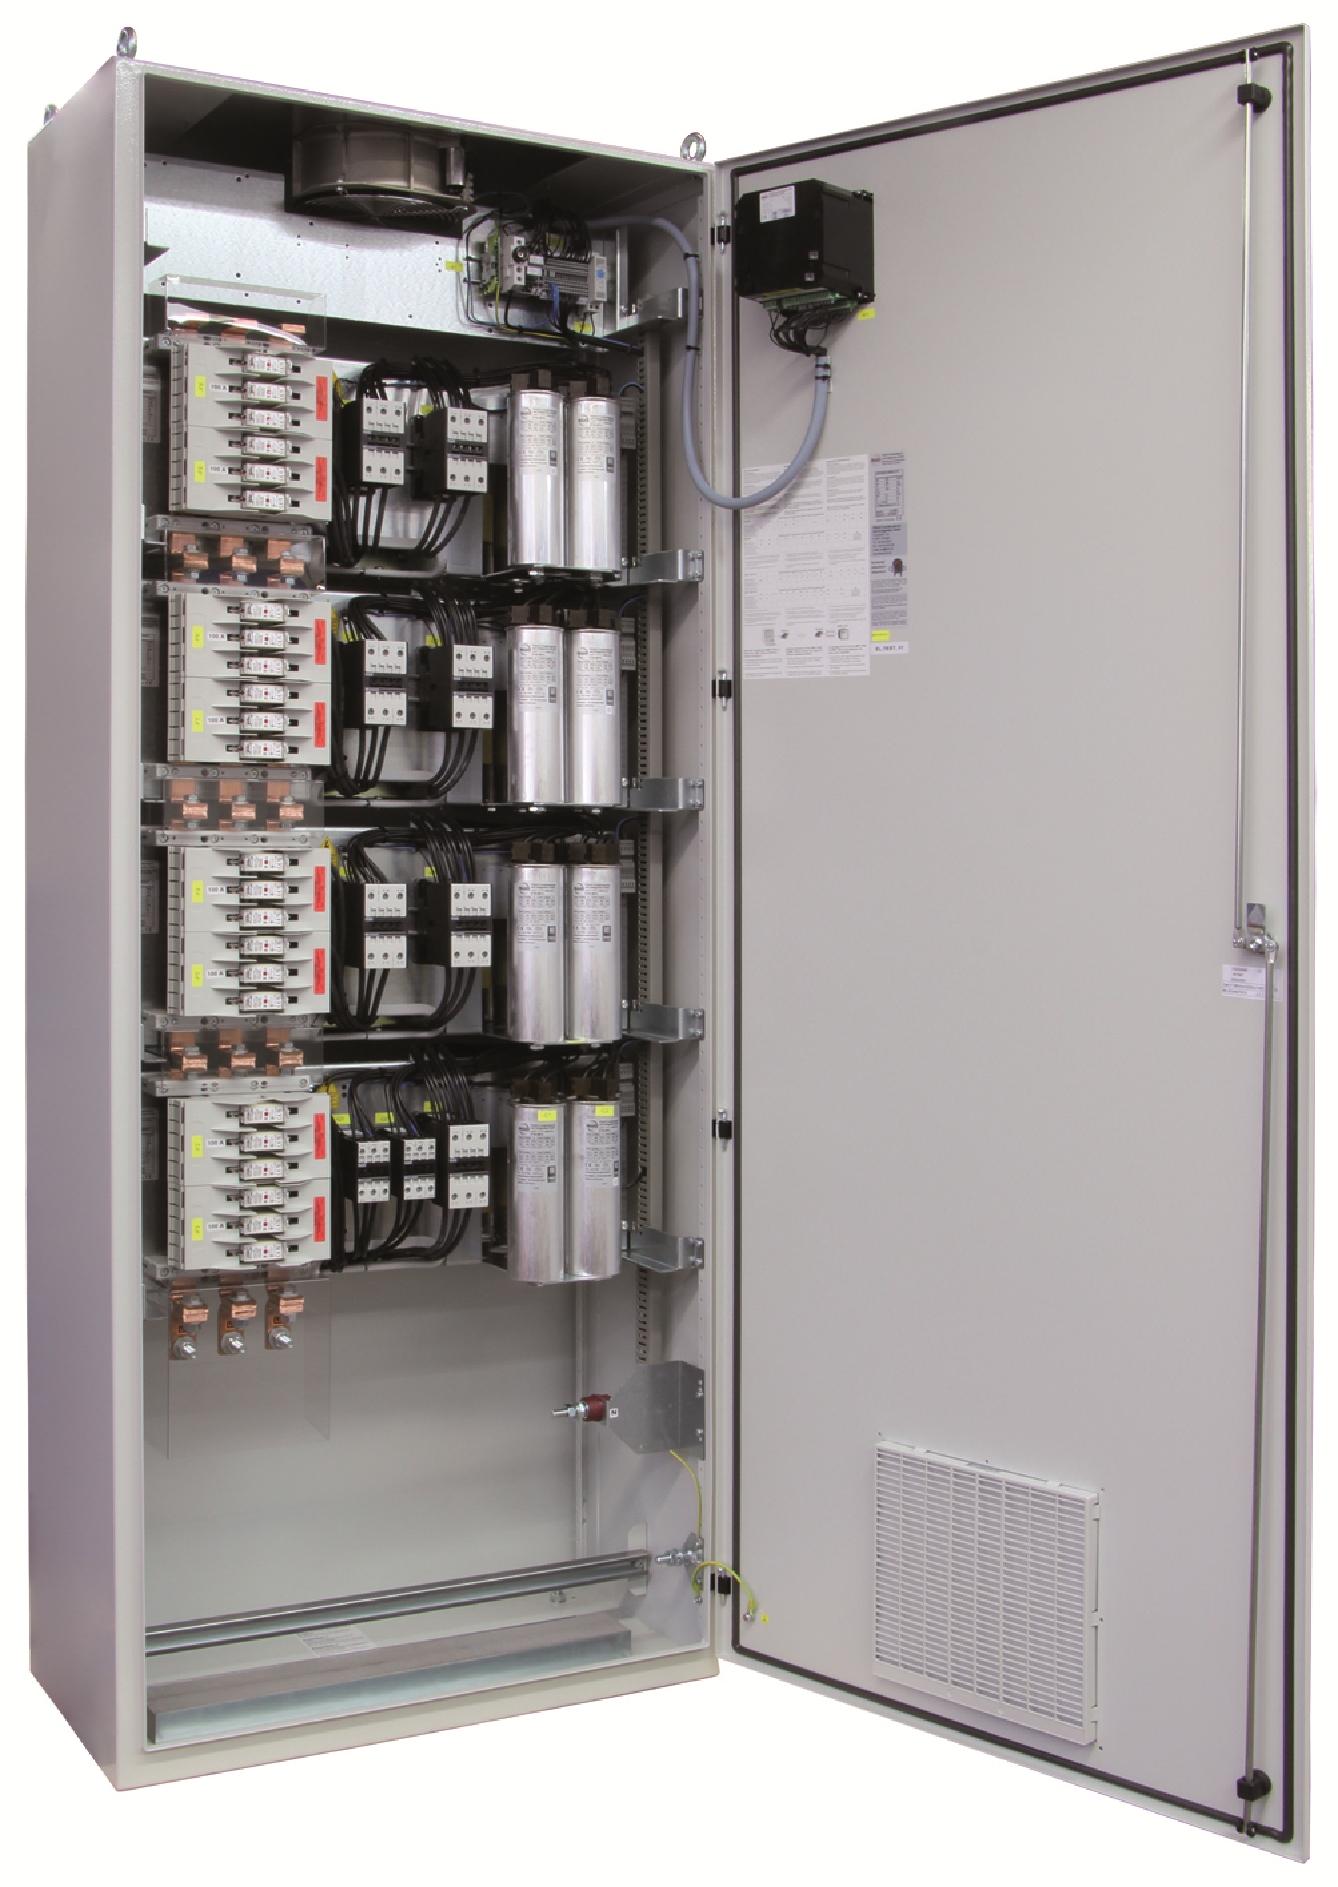 1 Stk Kompensation LSFC 7% 125/25kvar 800x2000x400mm FR3422668-